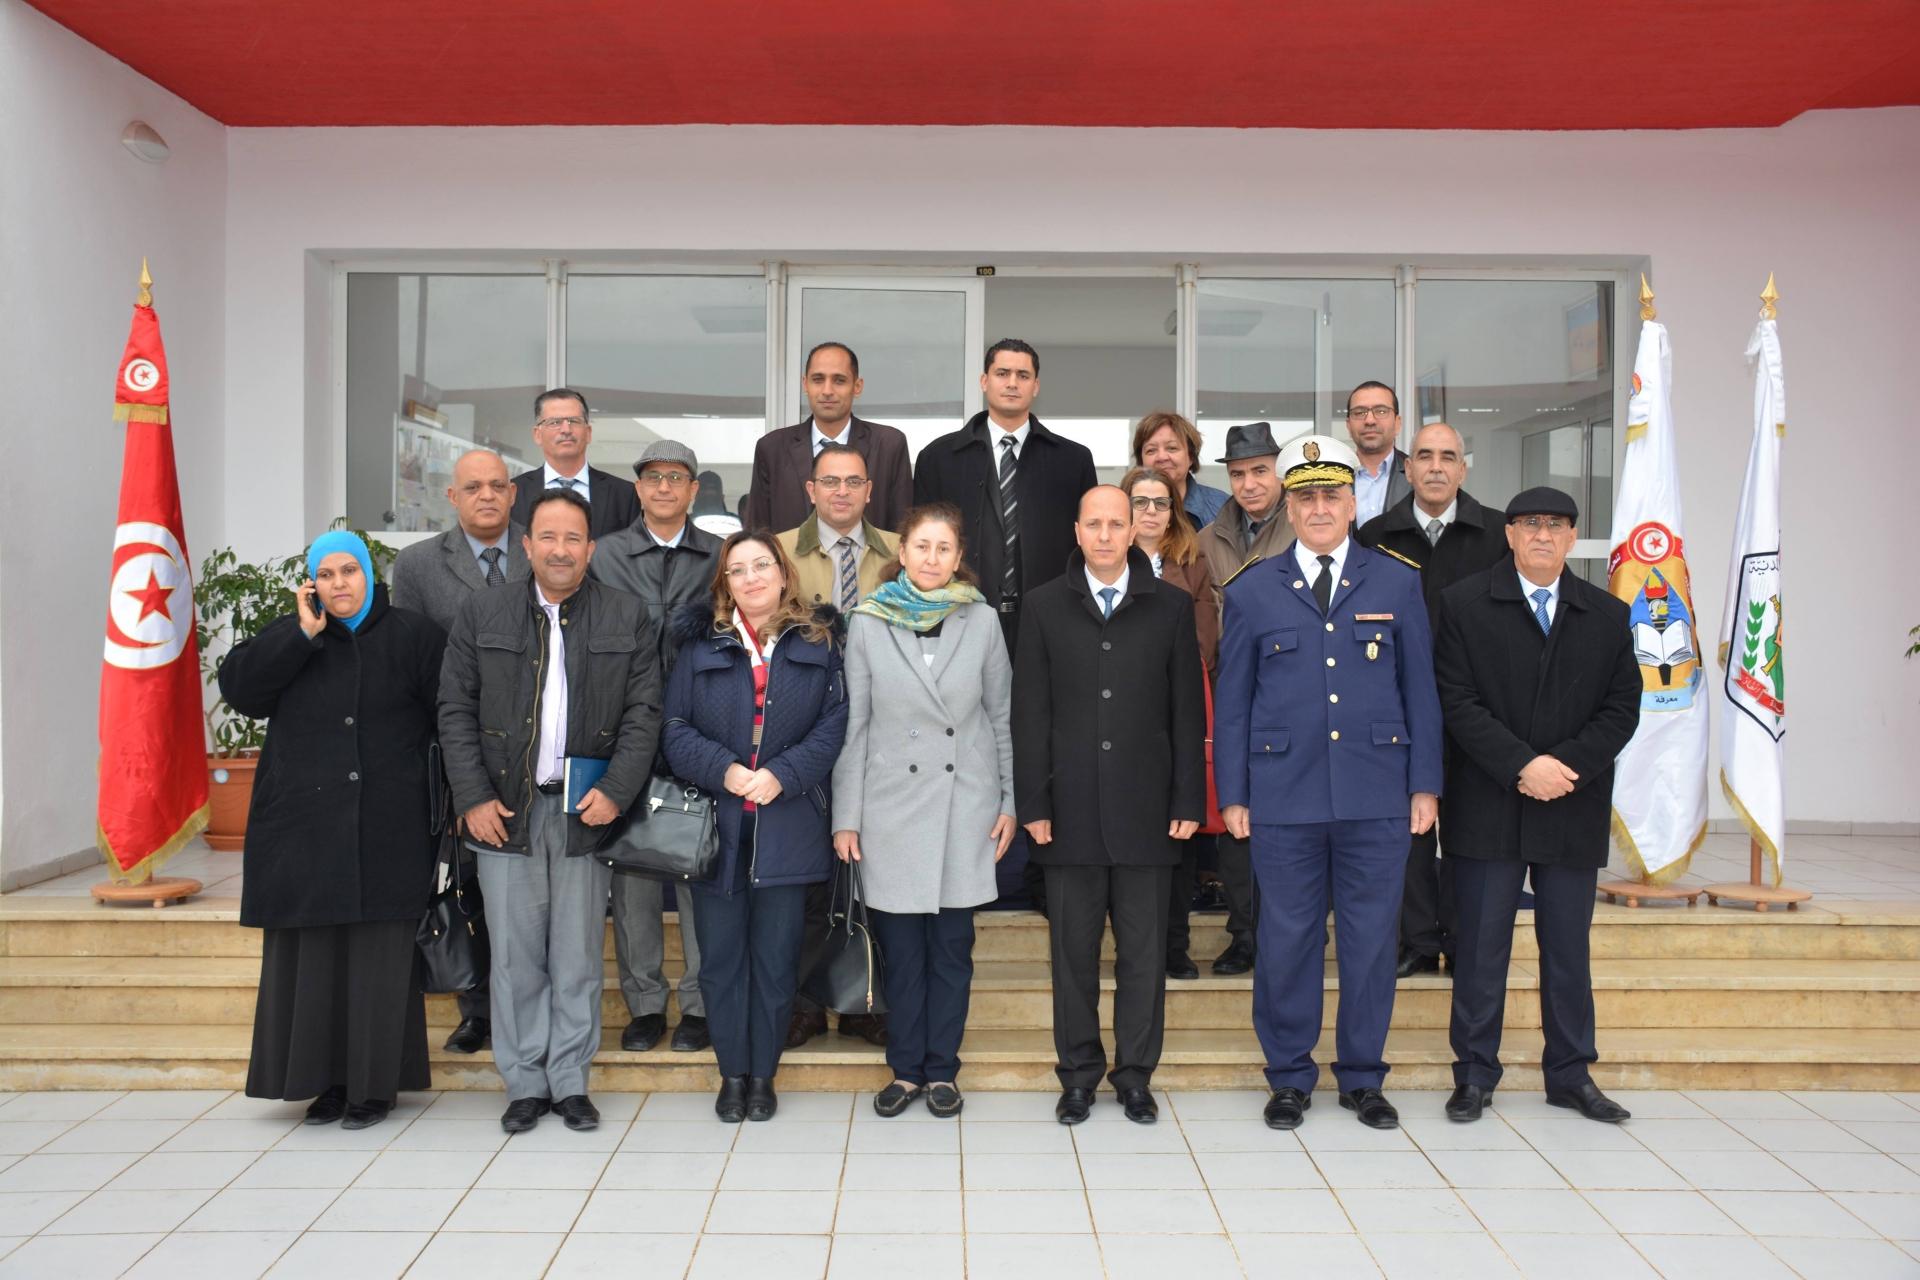 Visite de  la 12ème session de l'institut de leadership administratif de l'École nationale d'administration ENA à l'ENPC.